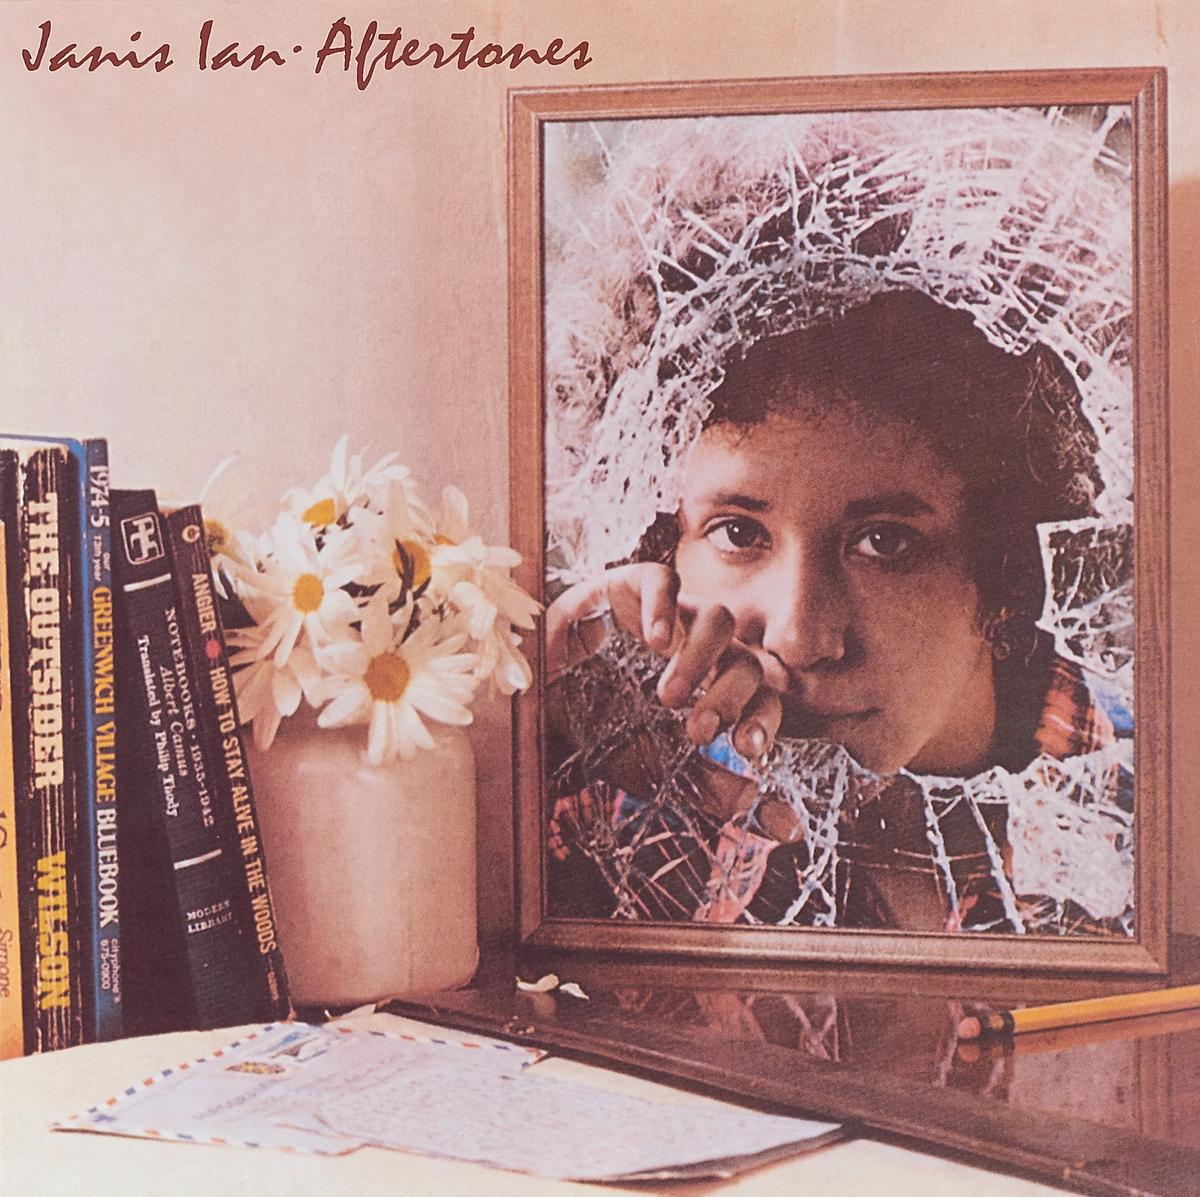 Lan Janis Janis Lan. Aftertones (LP) стоимость